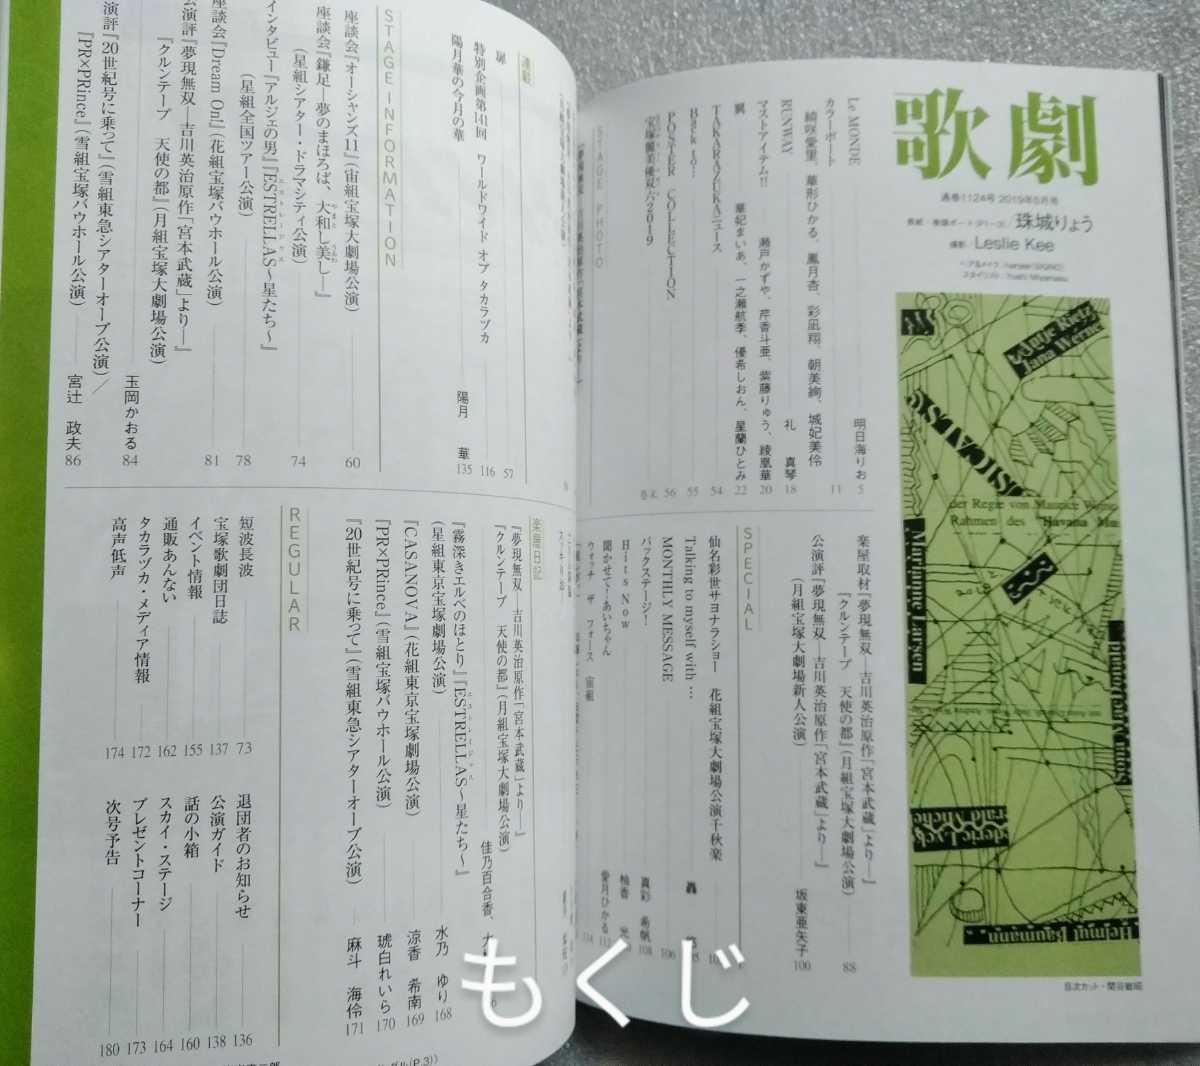 歌劇 TAKARAZUKA REVUE 2019年5月通巻1124 珠城りょう 宙組オーシャンズ11 月組 無現無双~宮本武蔵より クルンテープ 天使の都 星風まどか_画像2